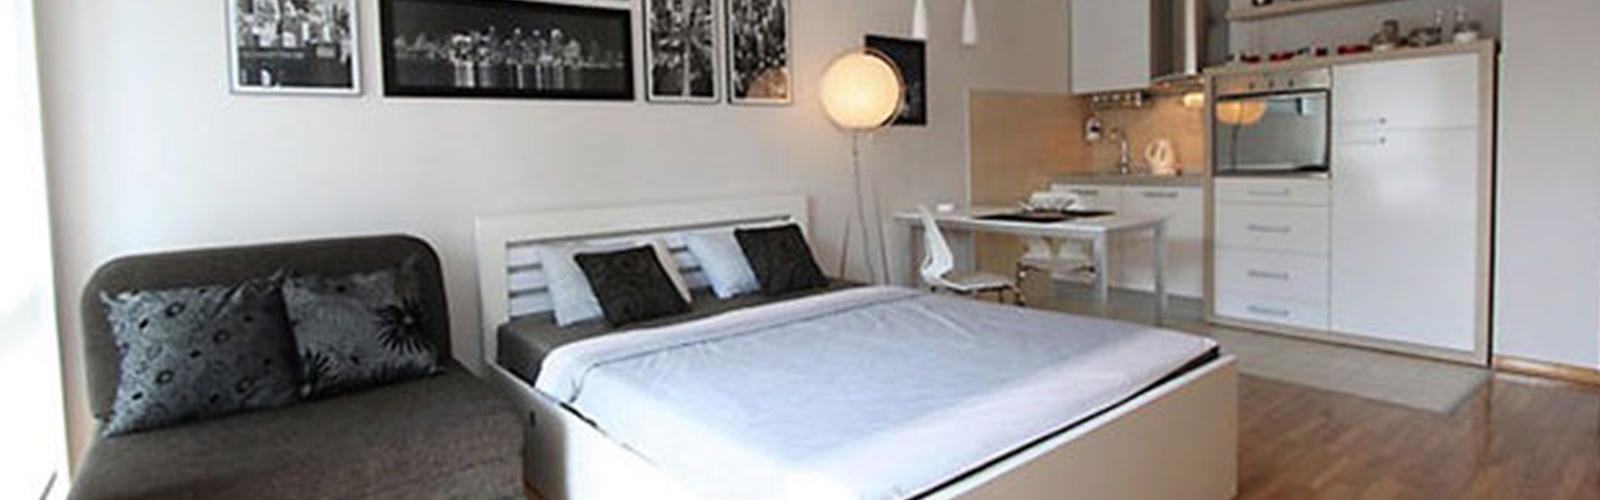 Concierge Belgrade | Apartman Delta Top 53